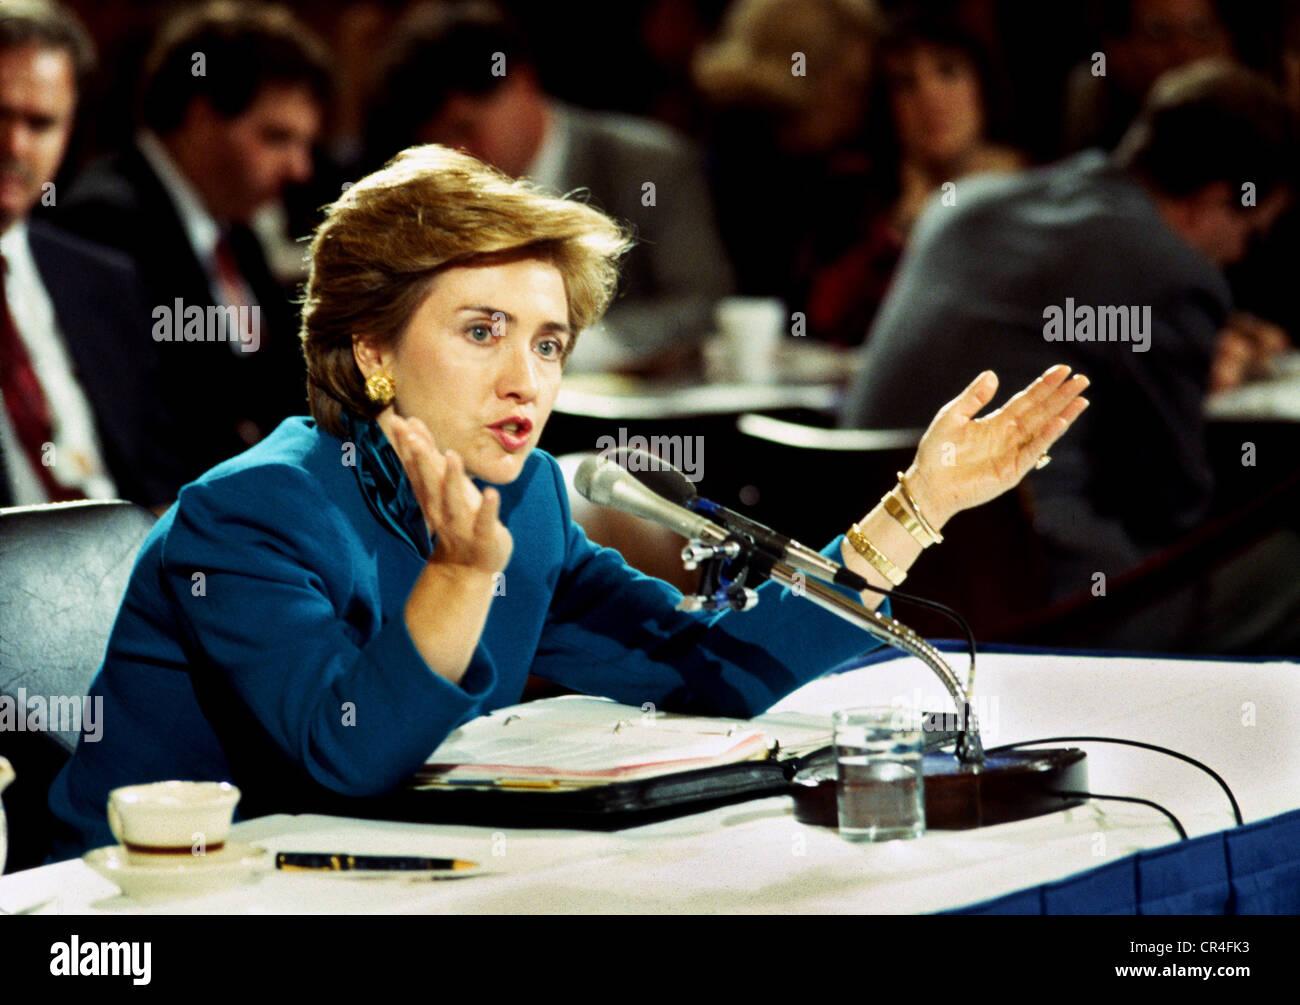 Clinton, Hillary, * 26.10.1947, US-amerikanischer Politiker (Demokraten), First Lady 1993-2001, Porträt, während Stockbild